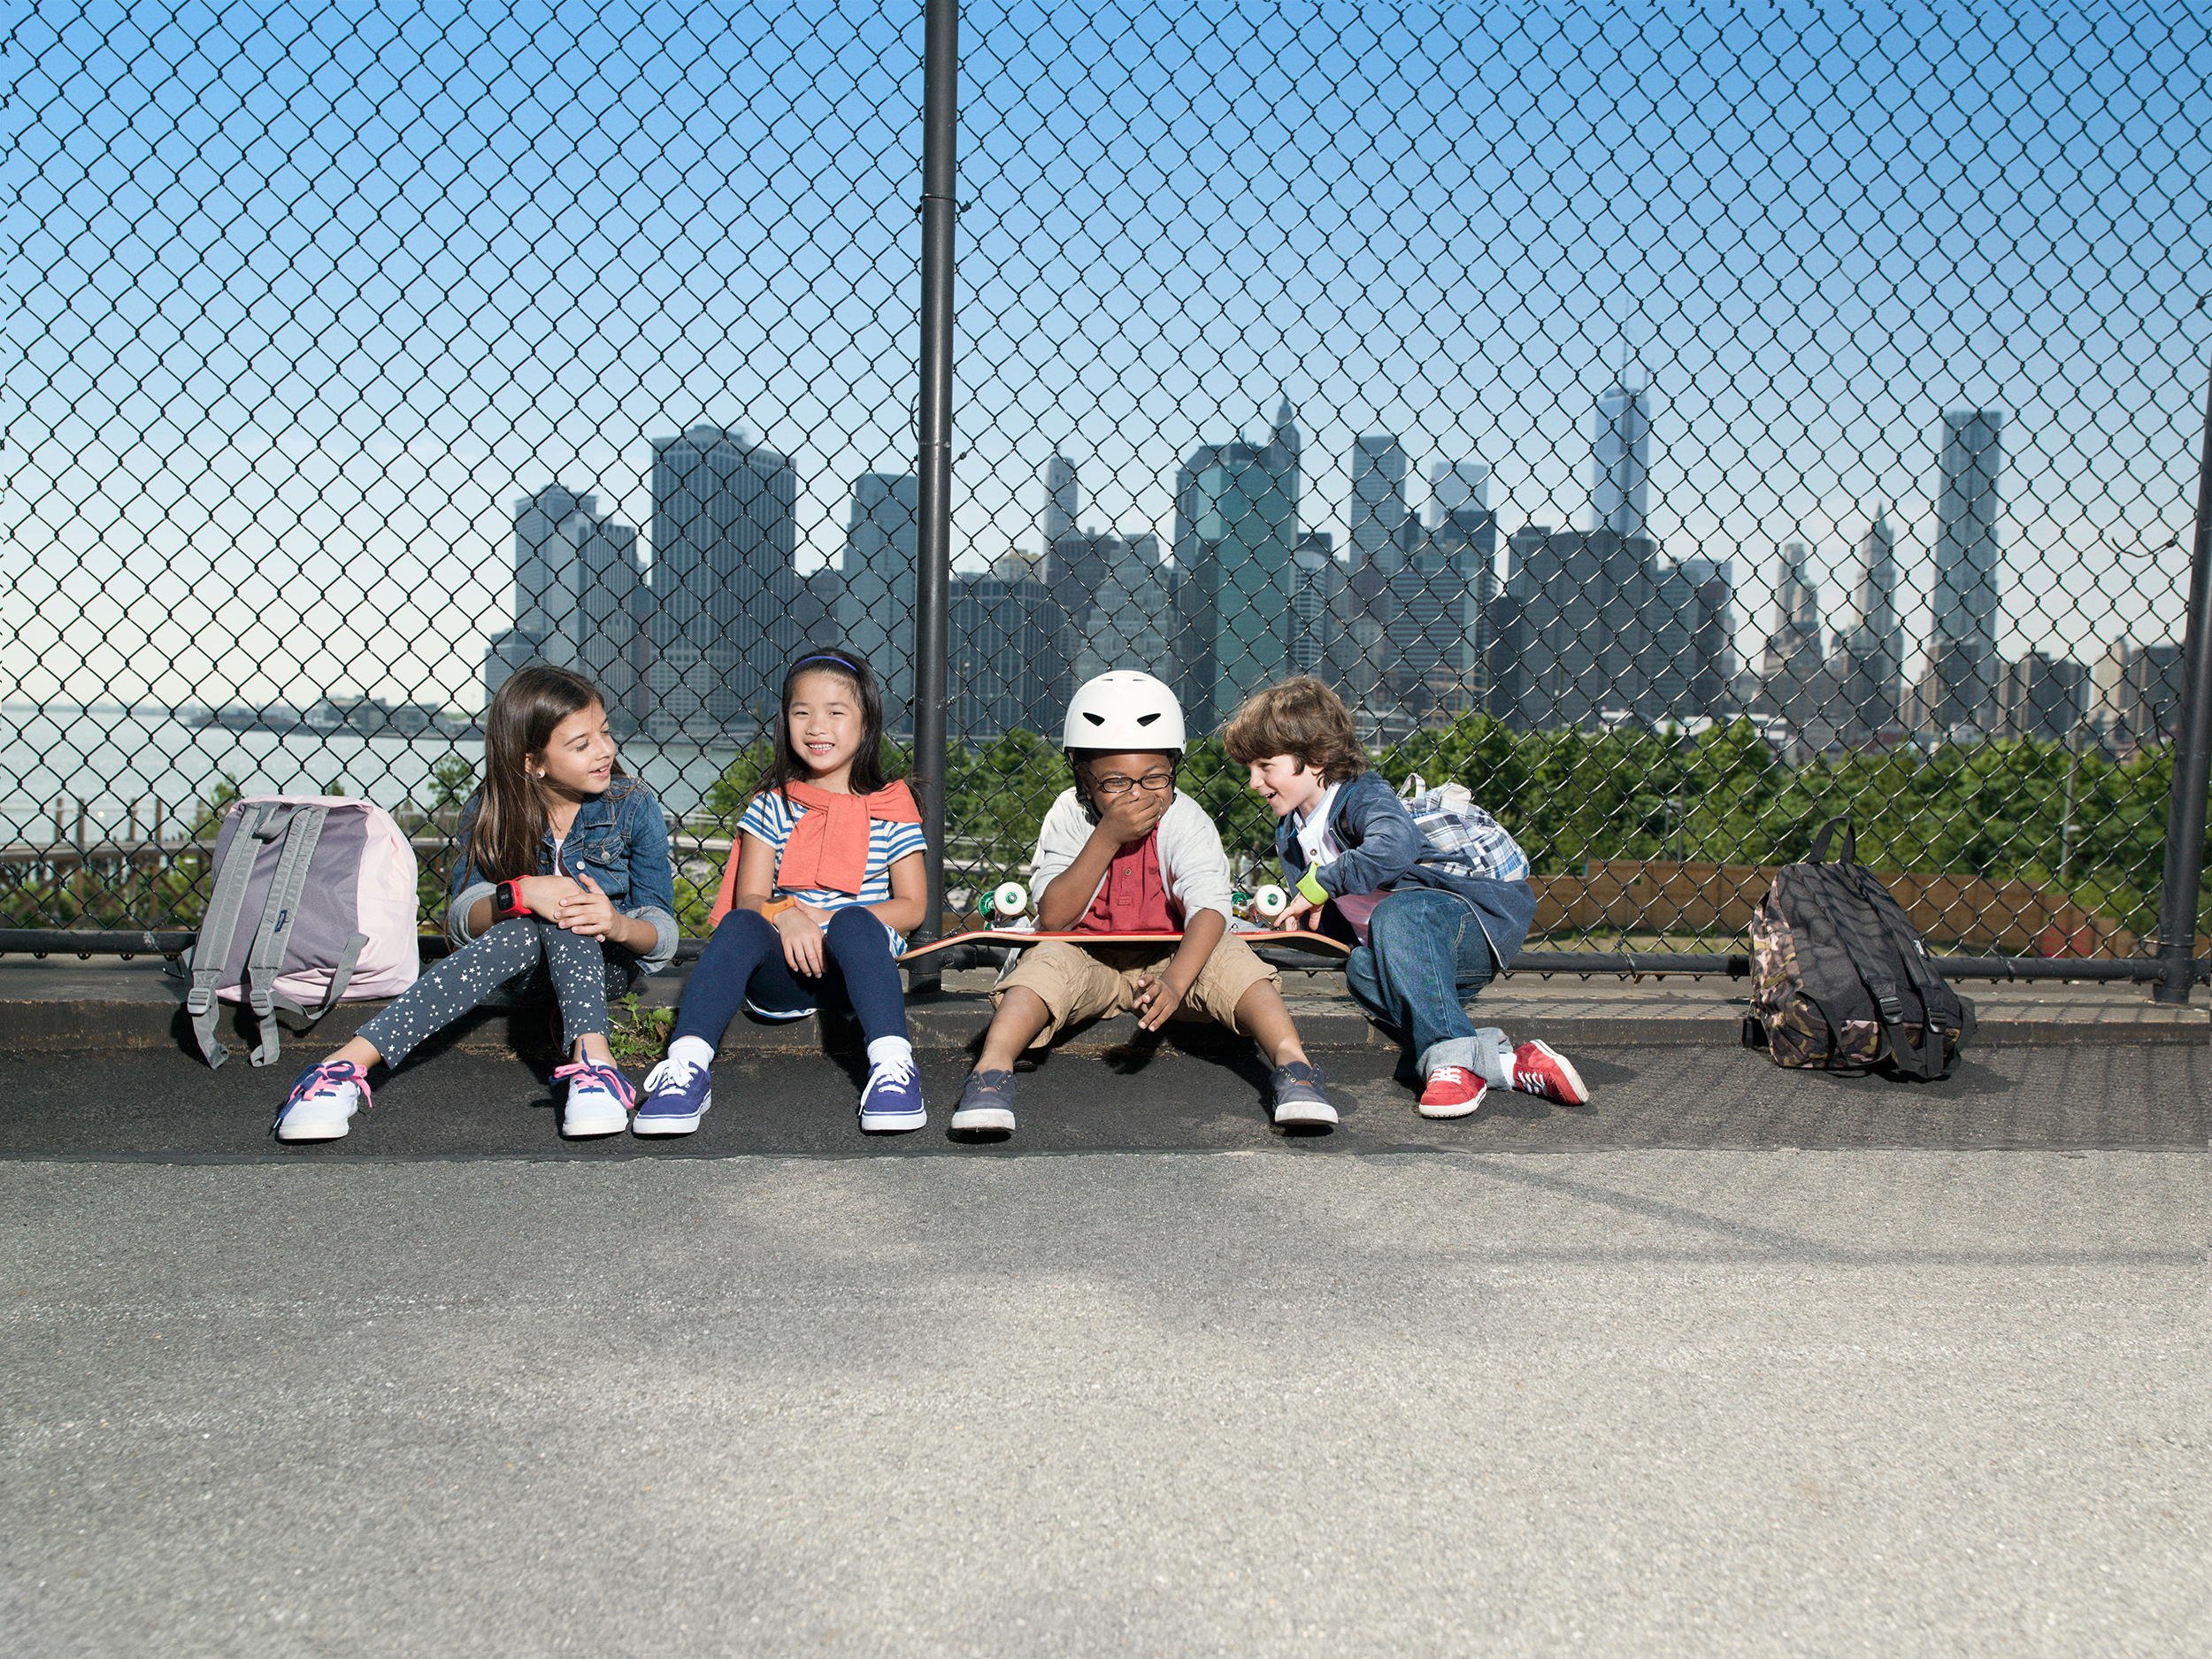 Kids_skylineV2_sRGB_pink